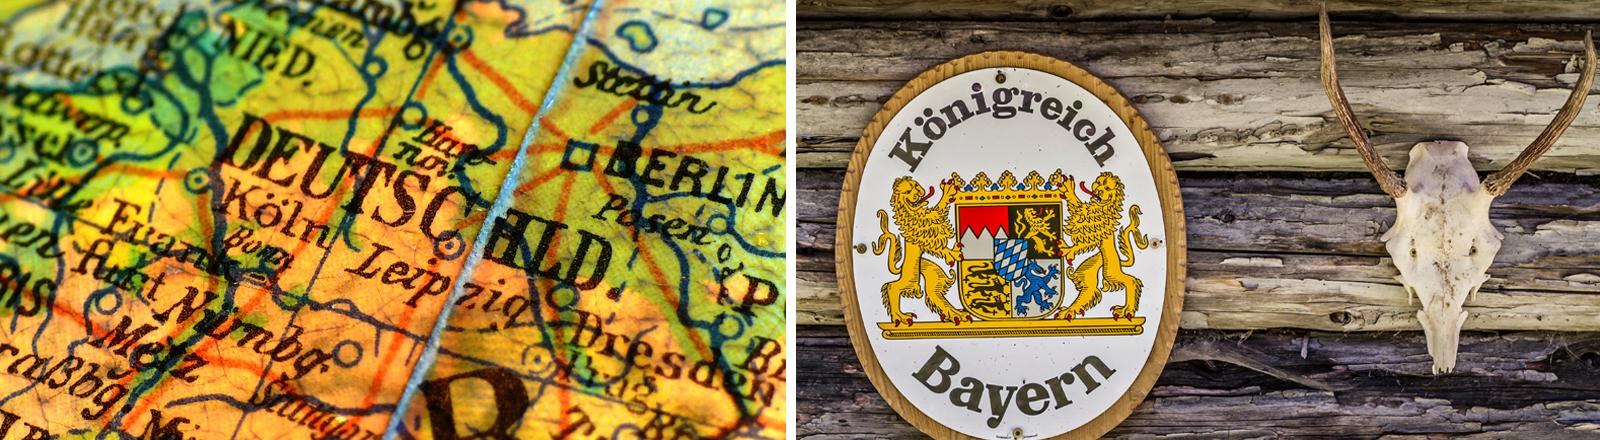 Collage aus einer Deutschlandkarte und einem Schild mit der Aufschrift Königreich Bayern